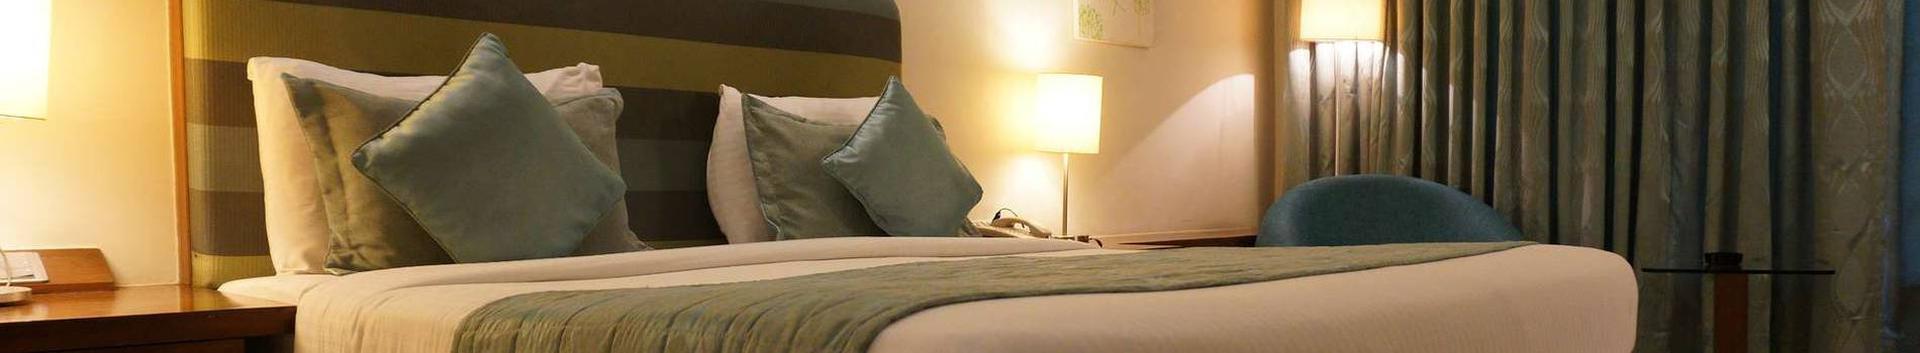 55101_hotellid_45936212_xl.jpg